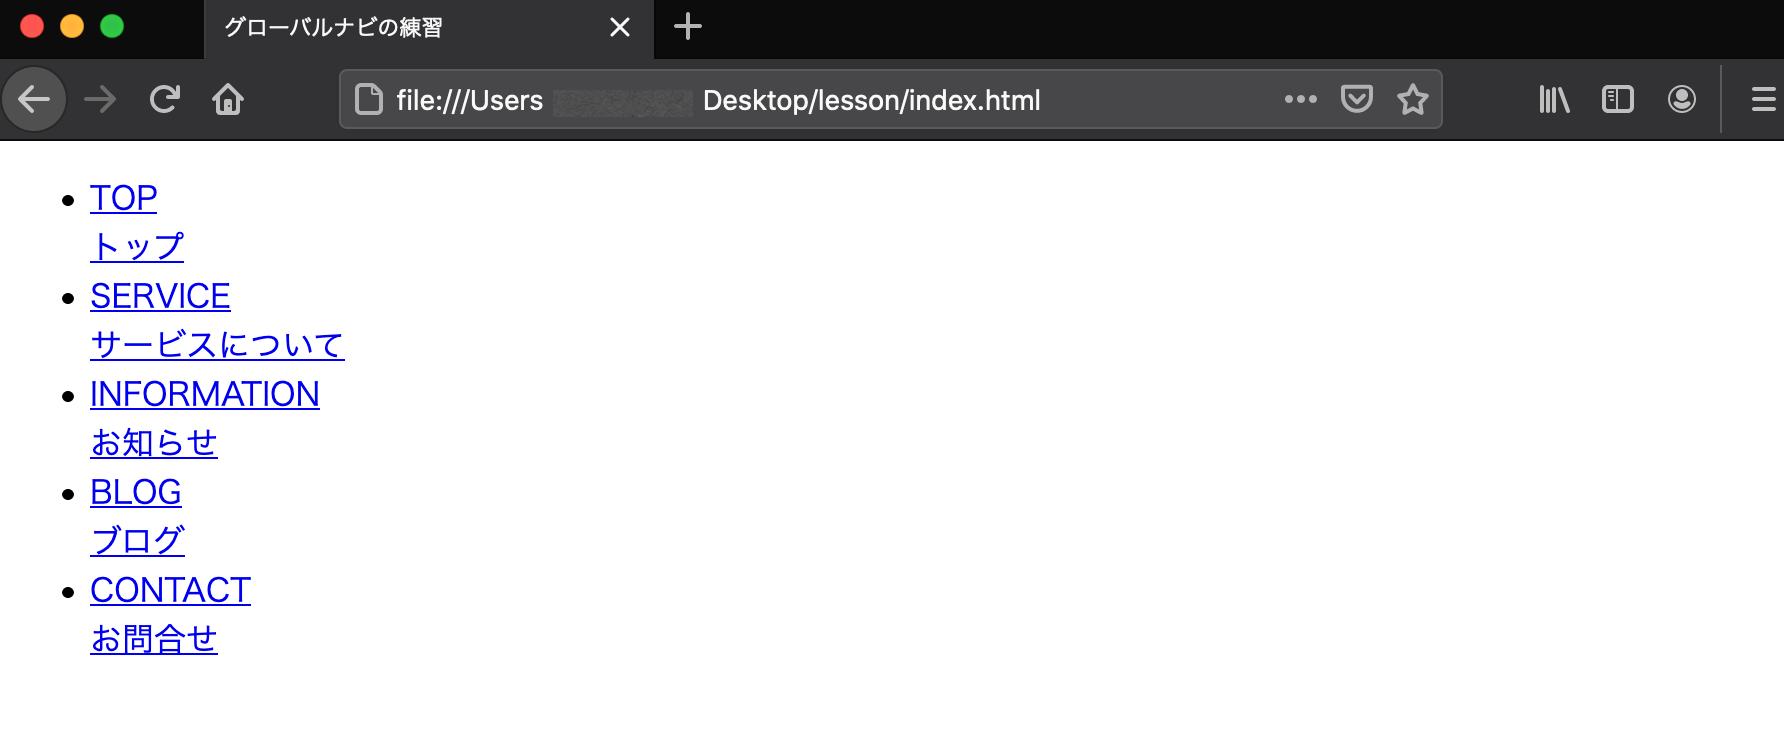 「グロナビ用のサンプルHTMLコード」を反映した見本画像